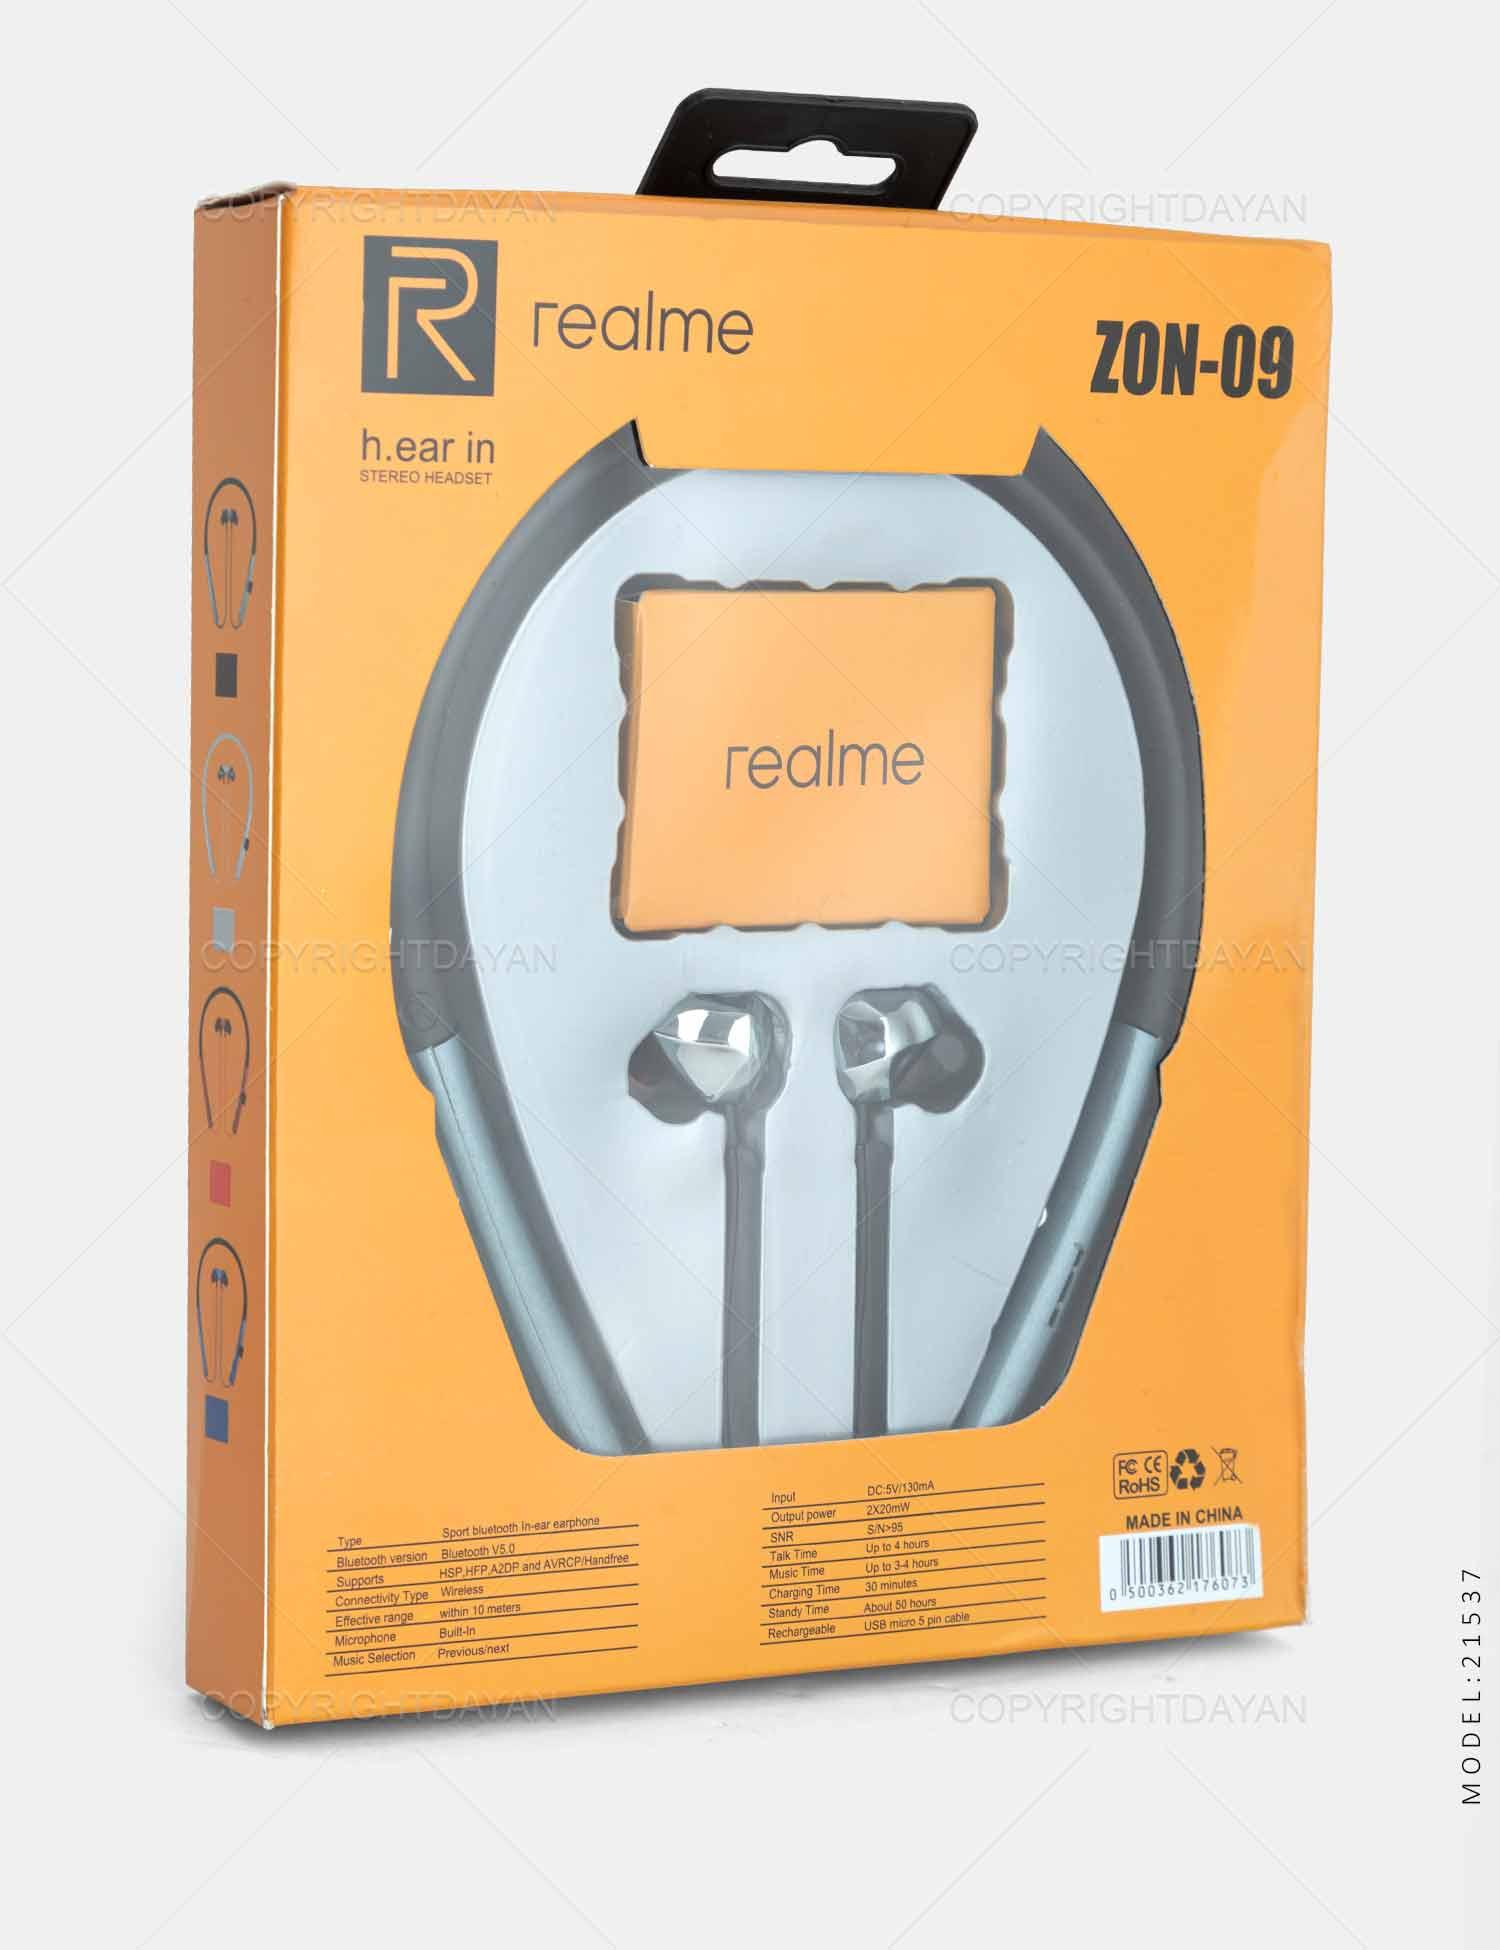 هندزفری بلوتوثی Realme مدل 21537 هندزفری بلوتوثی Realme مدل 21537 239,000 تومان